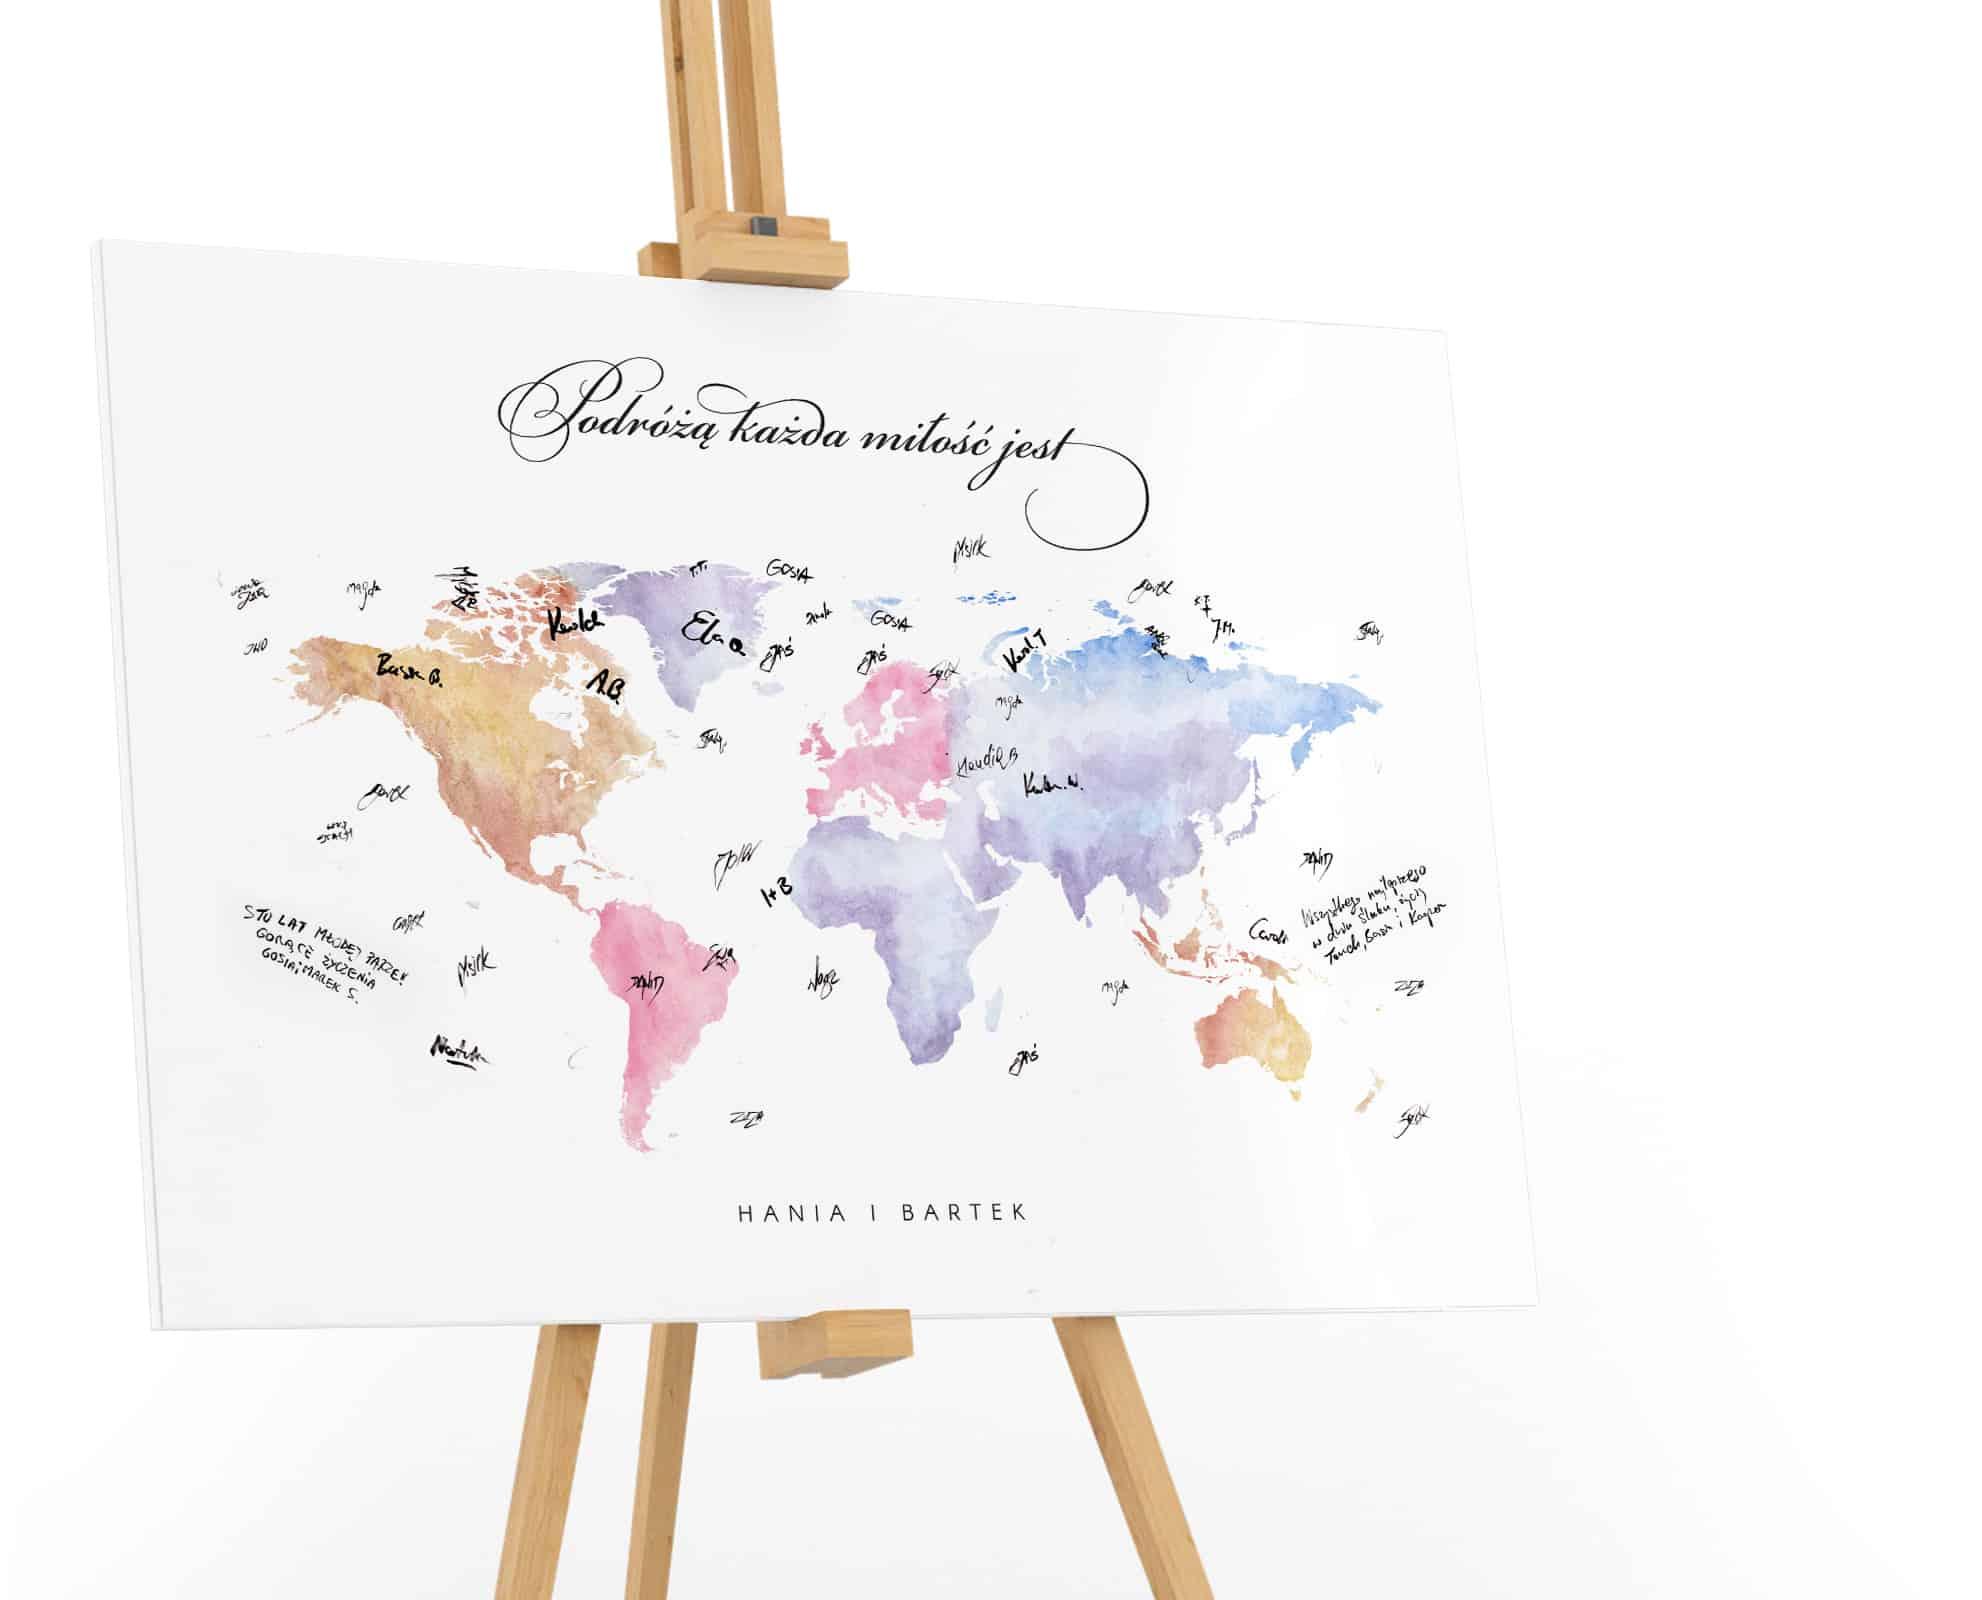 Księga gości z mapą świata z cytatem Podróżą każda miłość jest